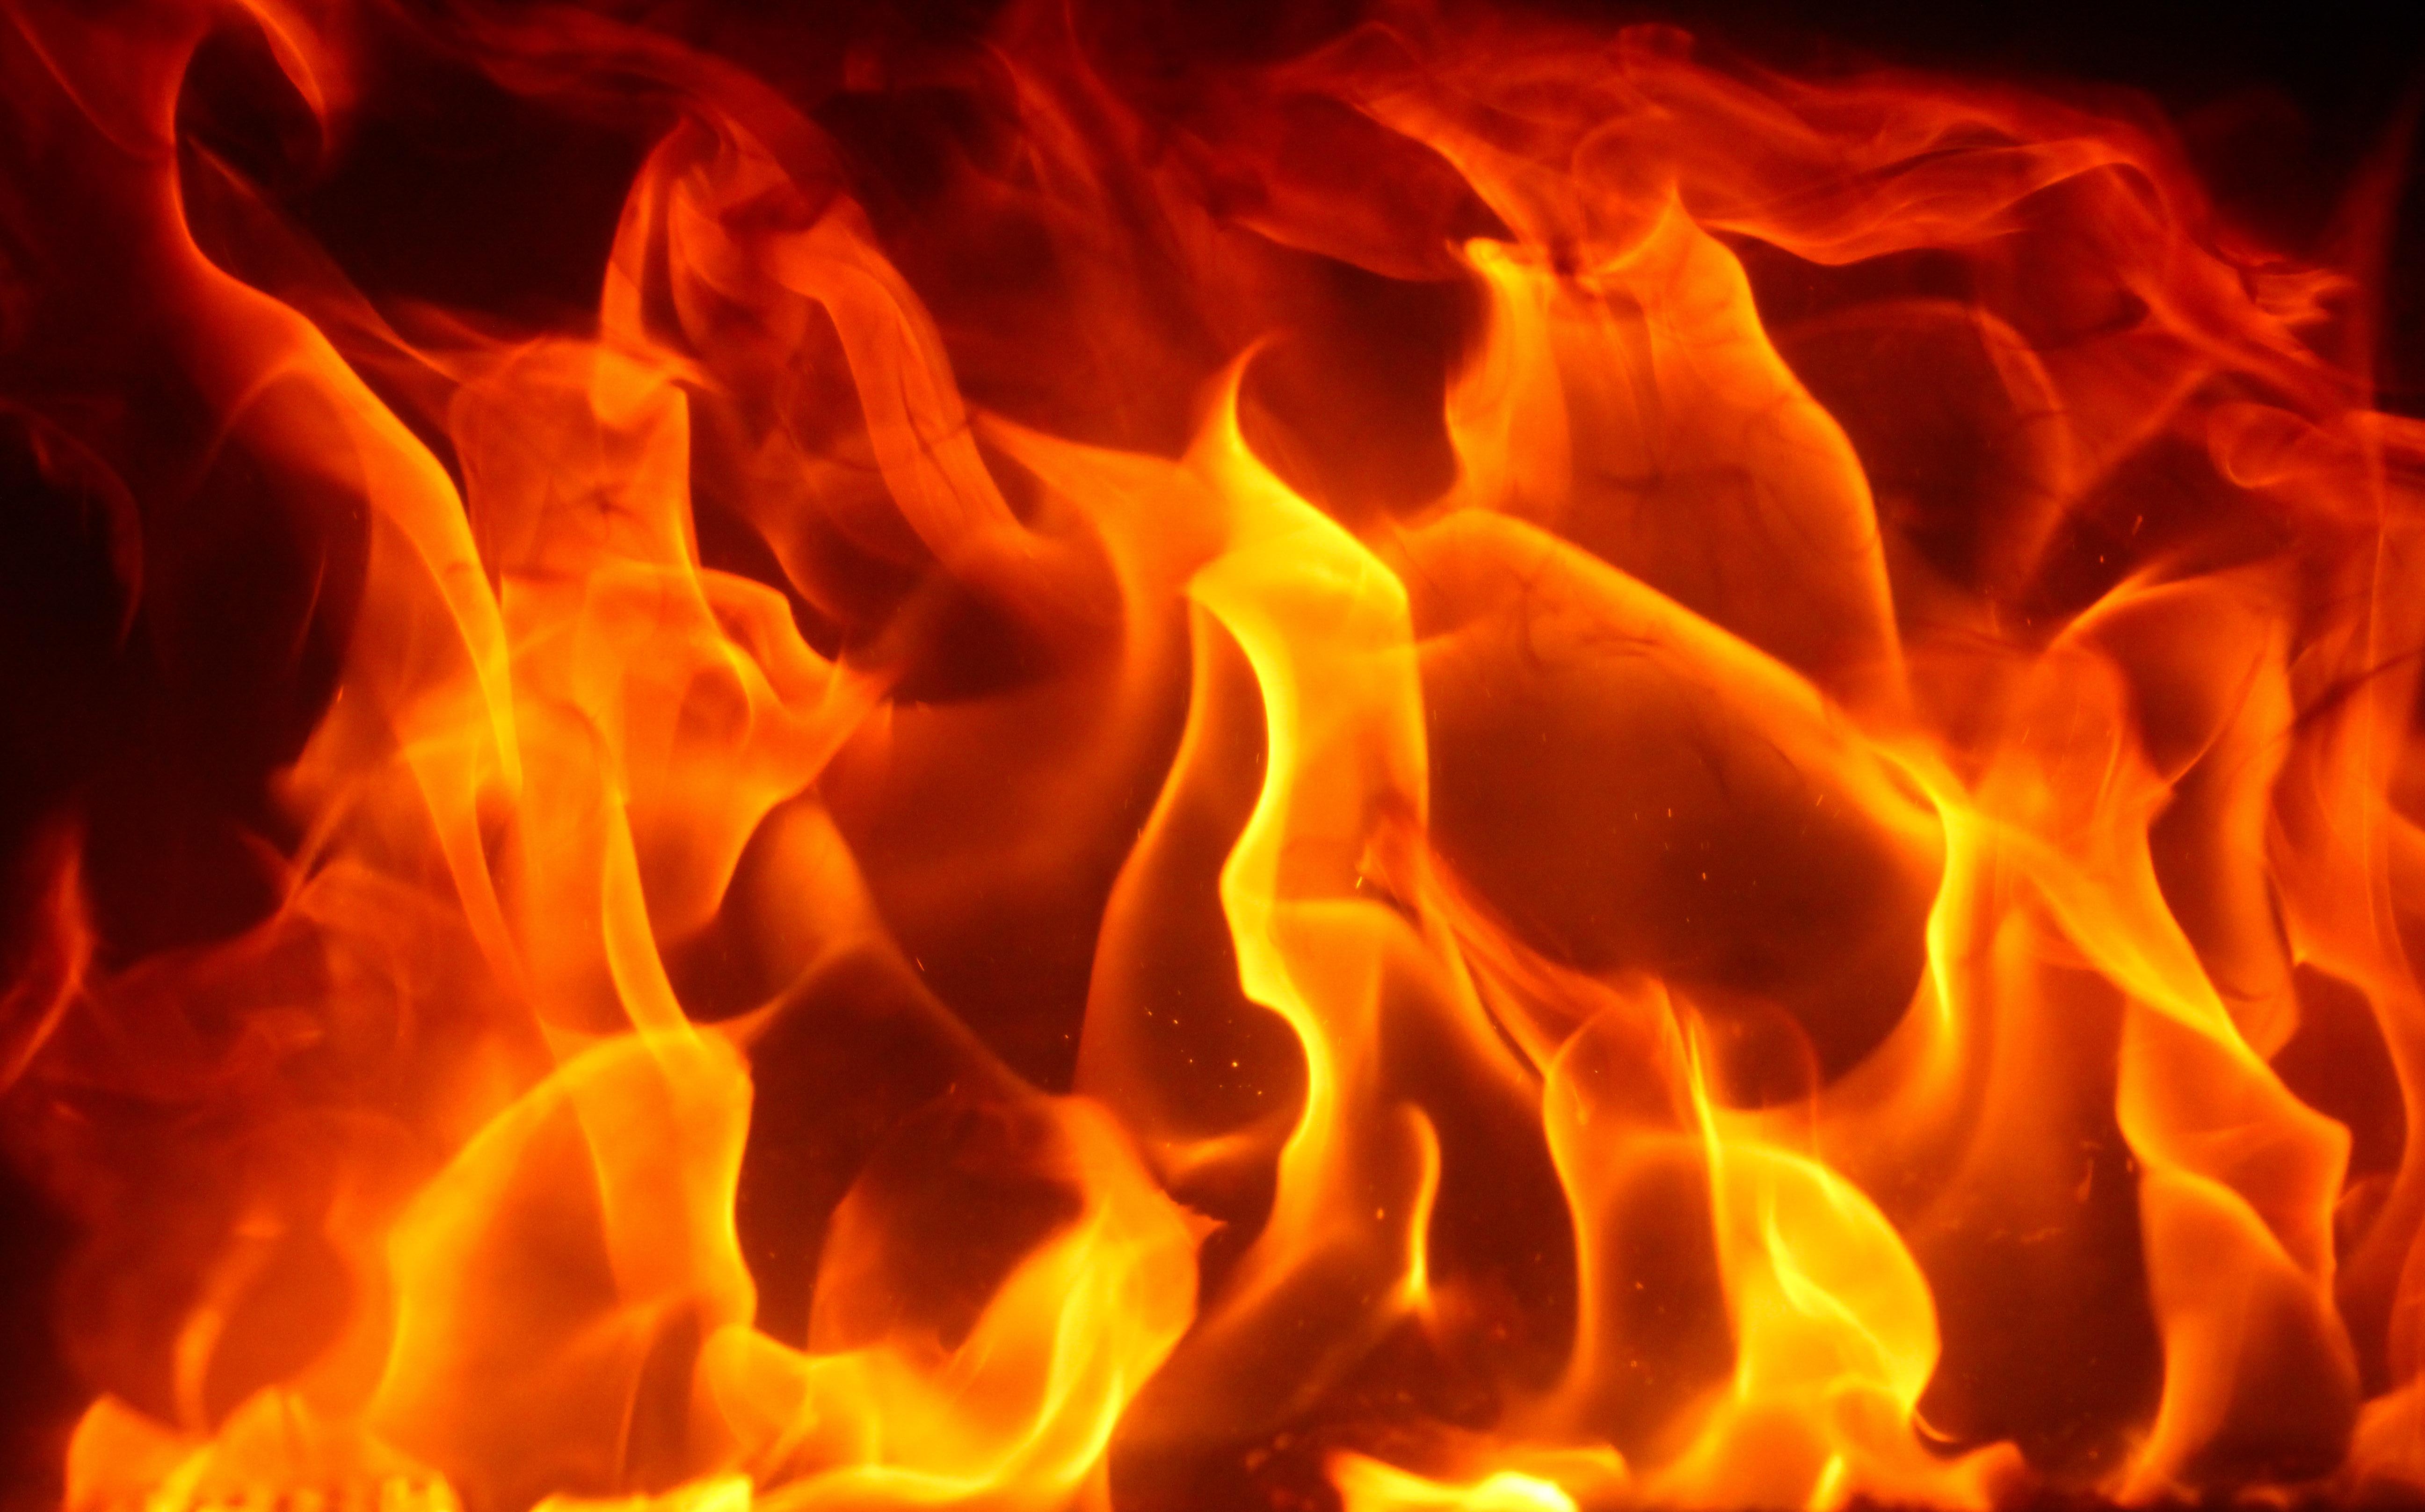 fire texture dancing flame blazing furnace hot wallpaper - TextureX ...